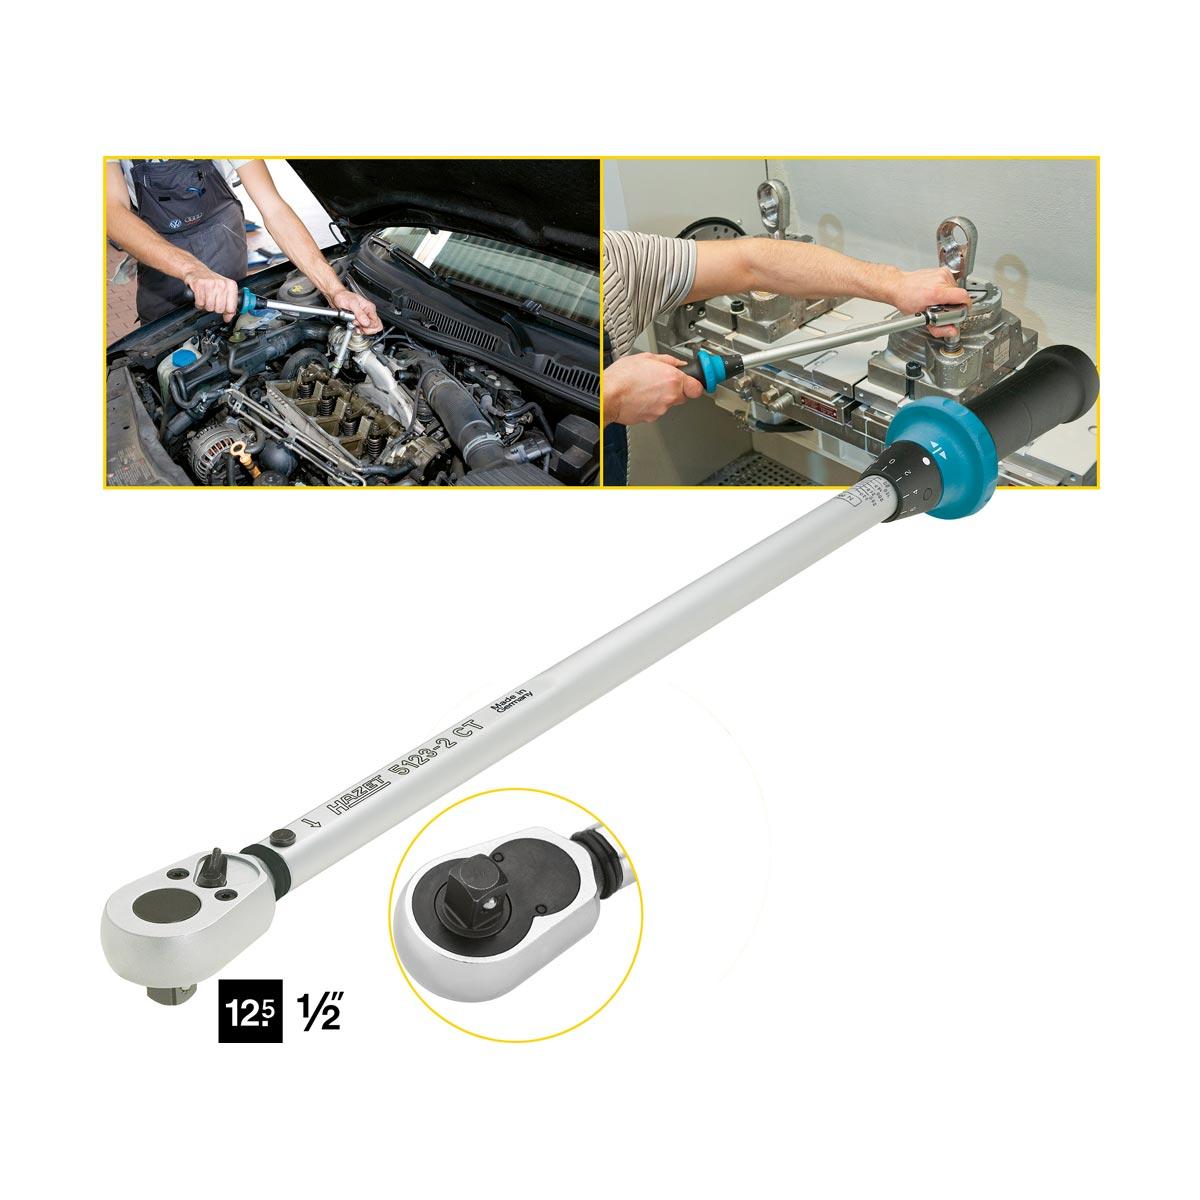 HAZET 5123-2CT Drehmomentschlüssel mit Umschaltknarre, 60 - 320 Nm